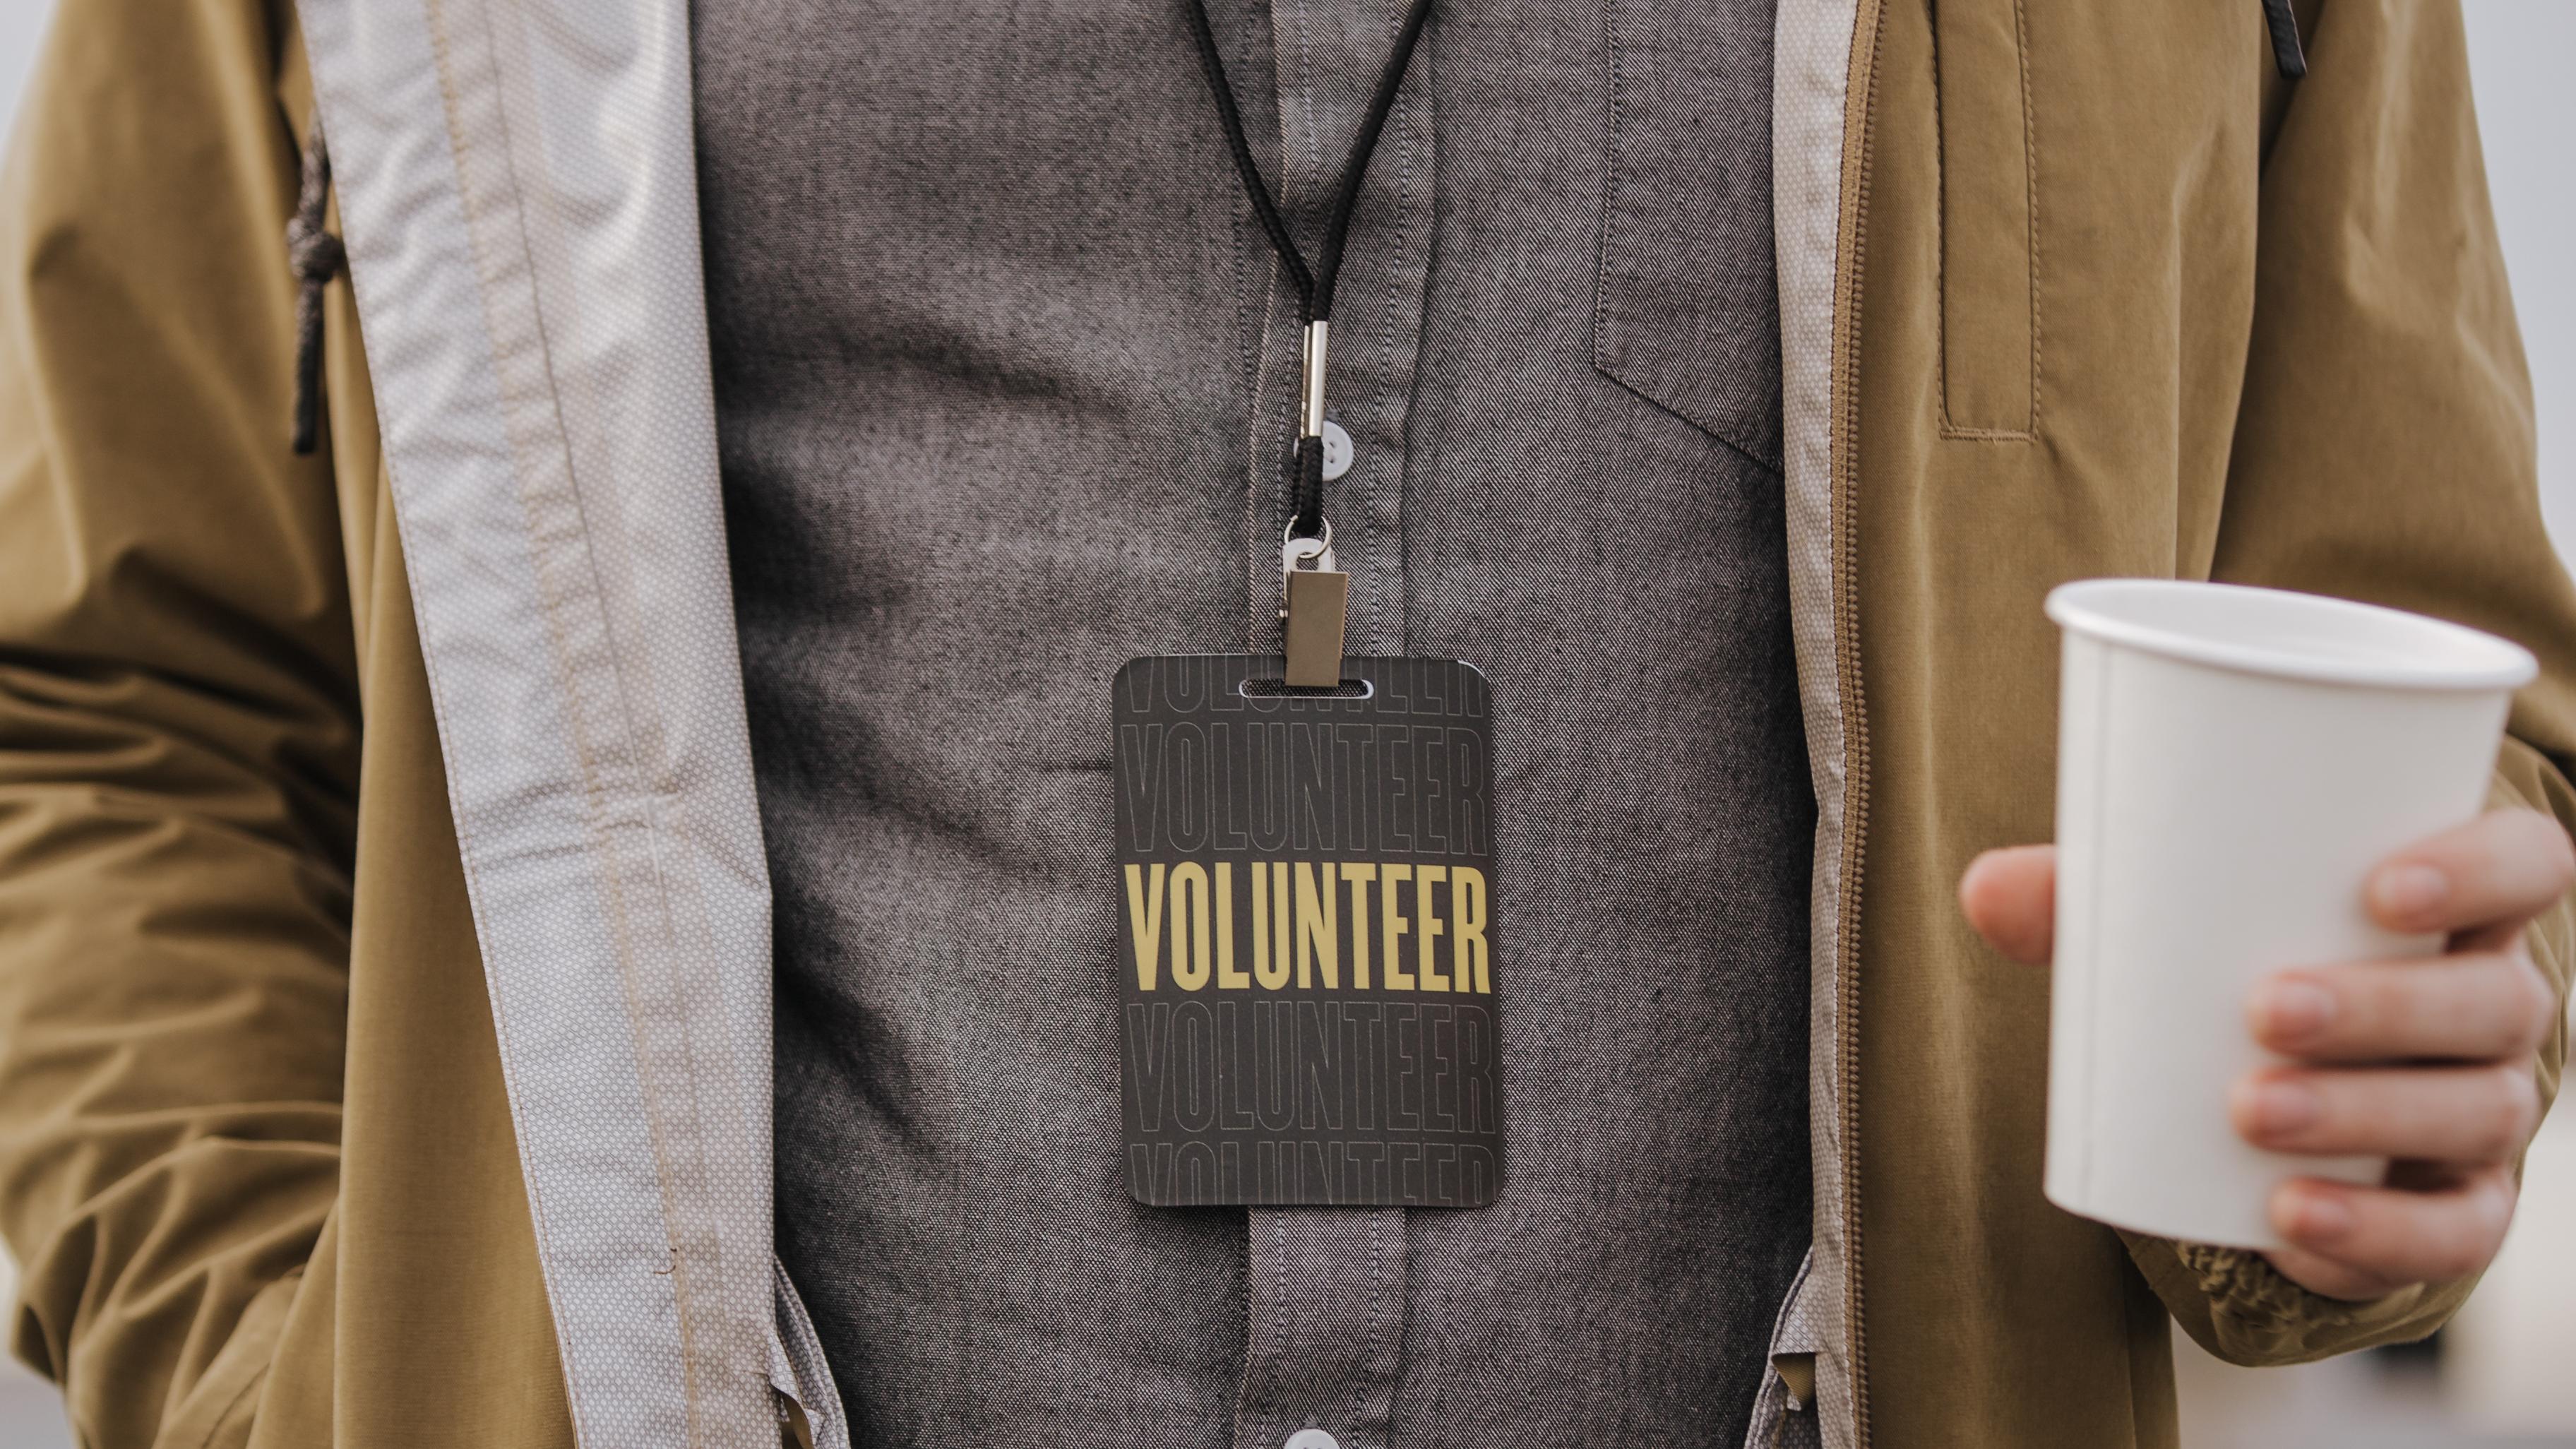 Man in Volunteer Badge